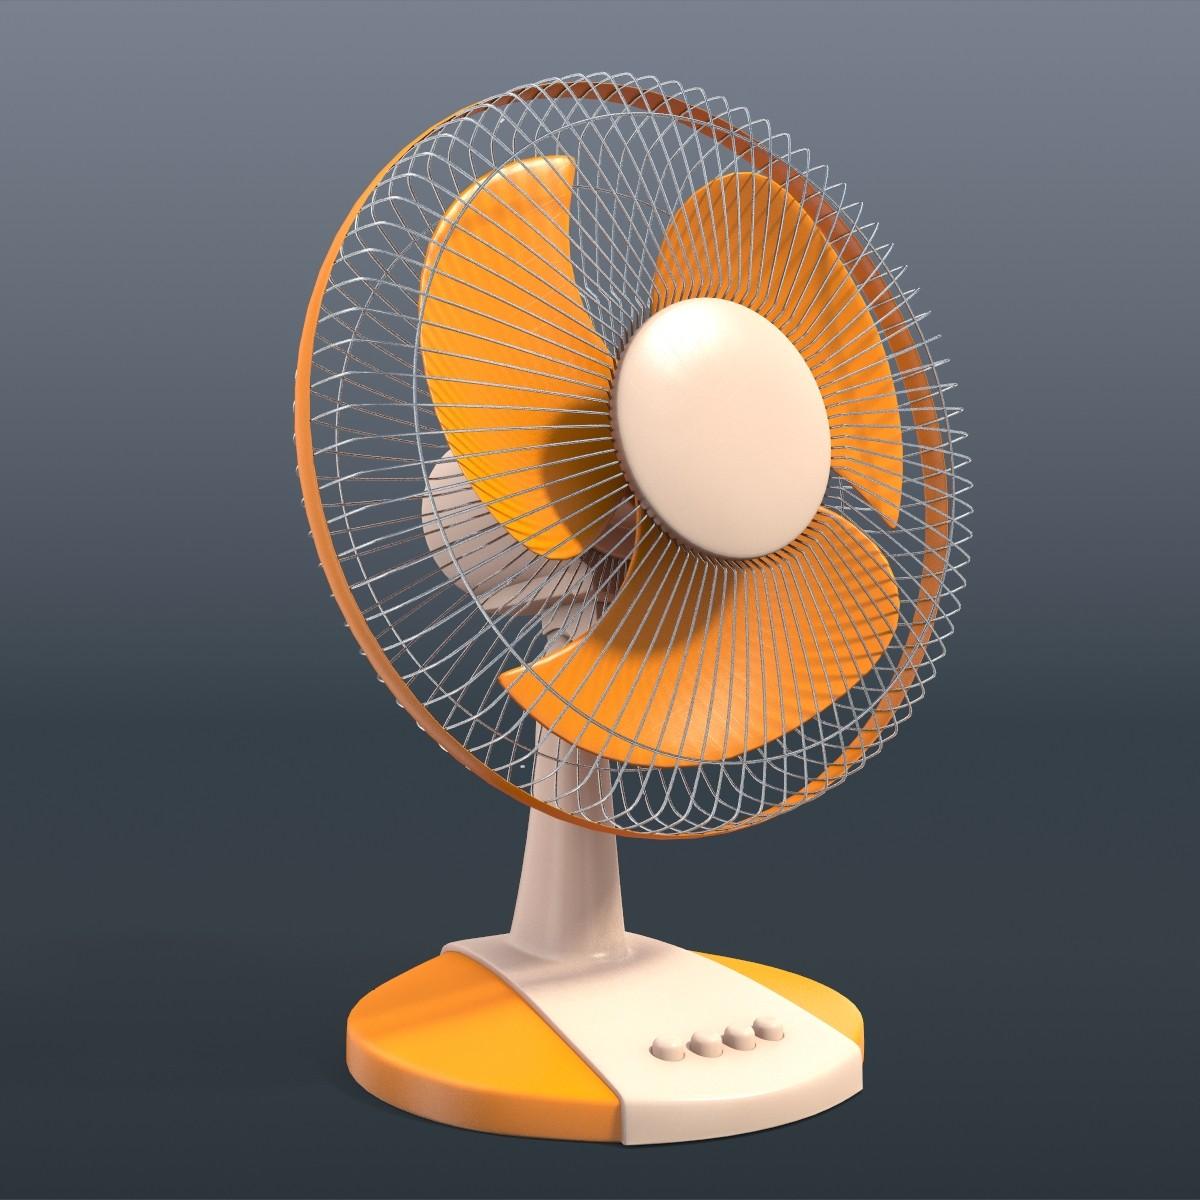 Fan_01_r1.jpg